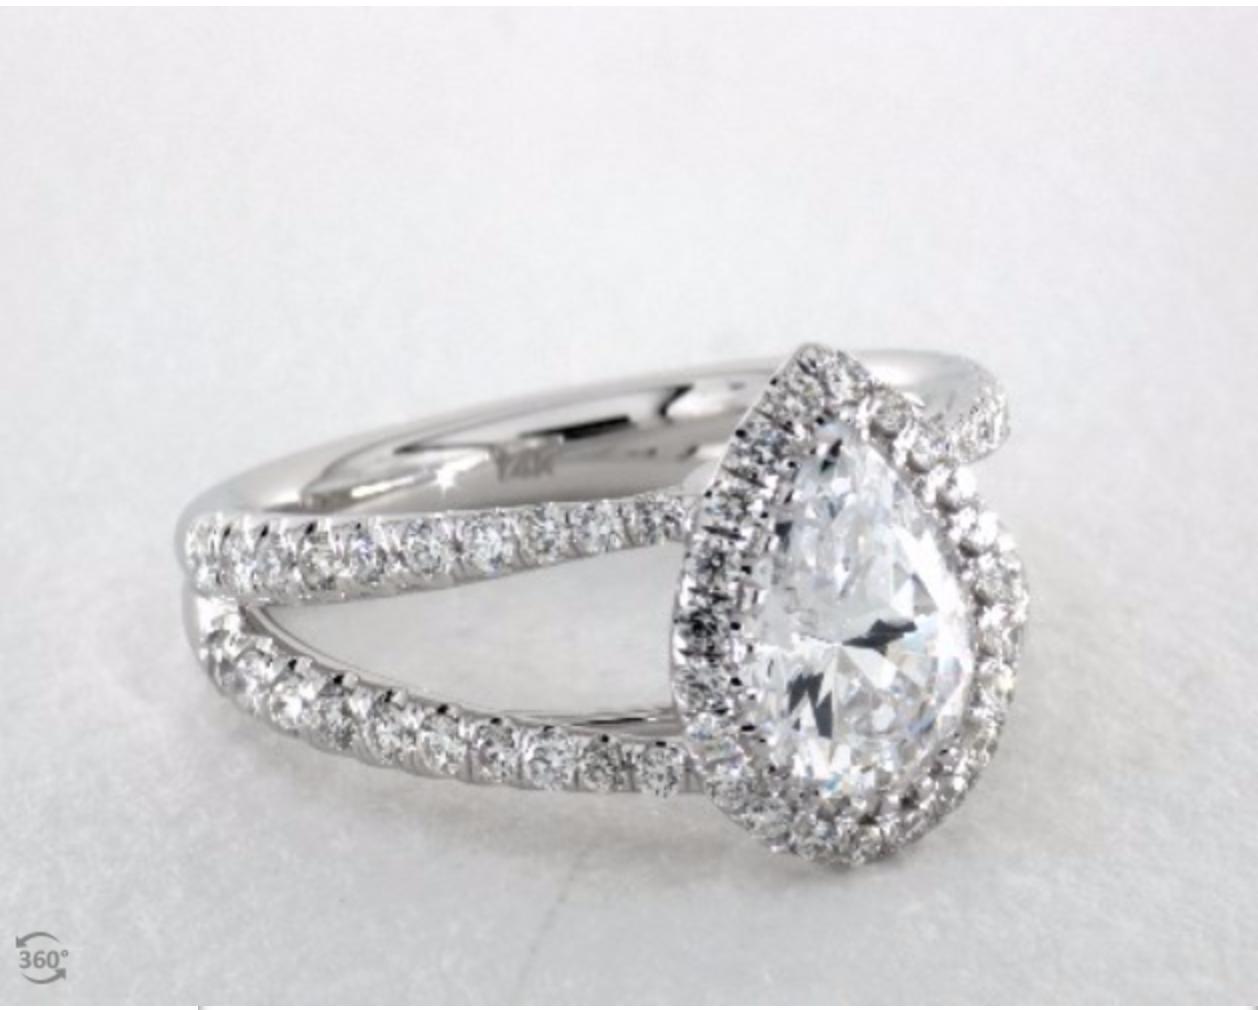 sophie turner engagement ring look alikes